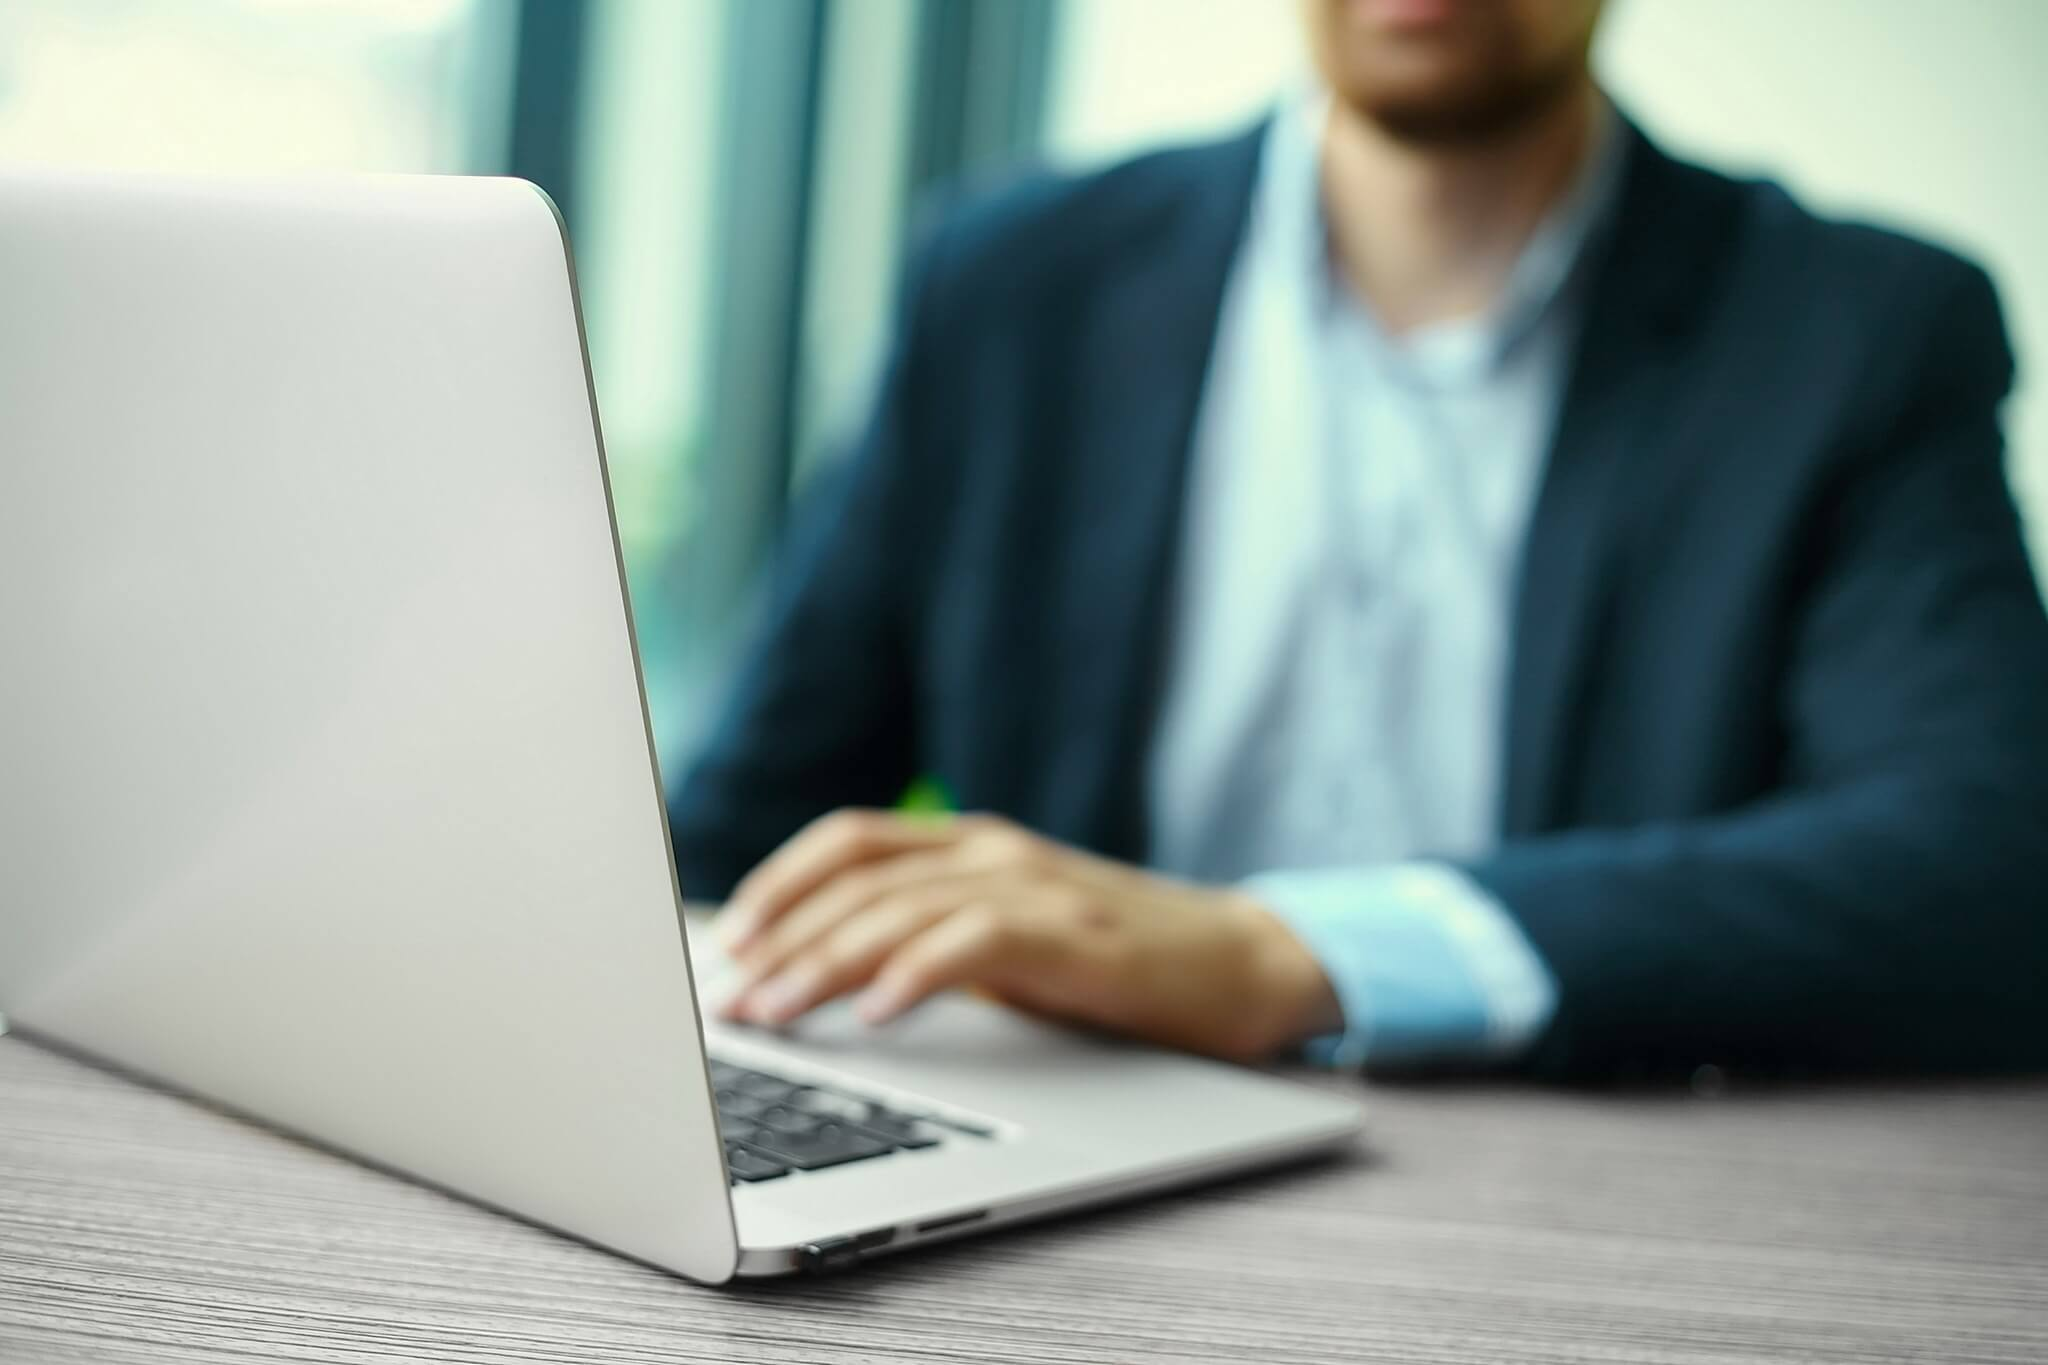 Росаккредитация проведет вебинар по актуализации областей аккредитации калибровочных лабораторий